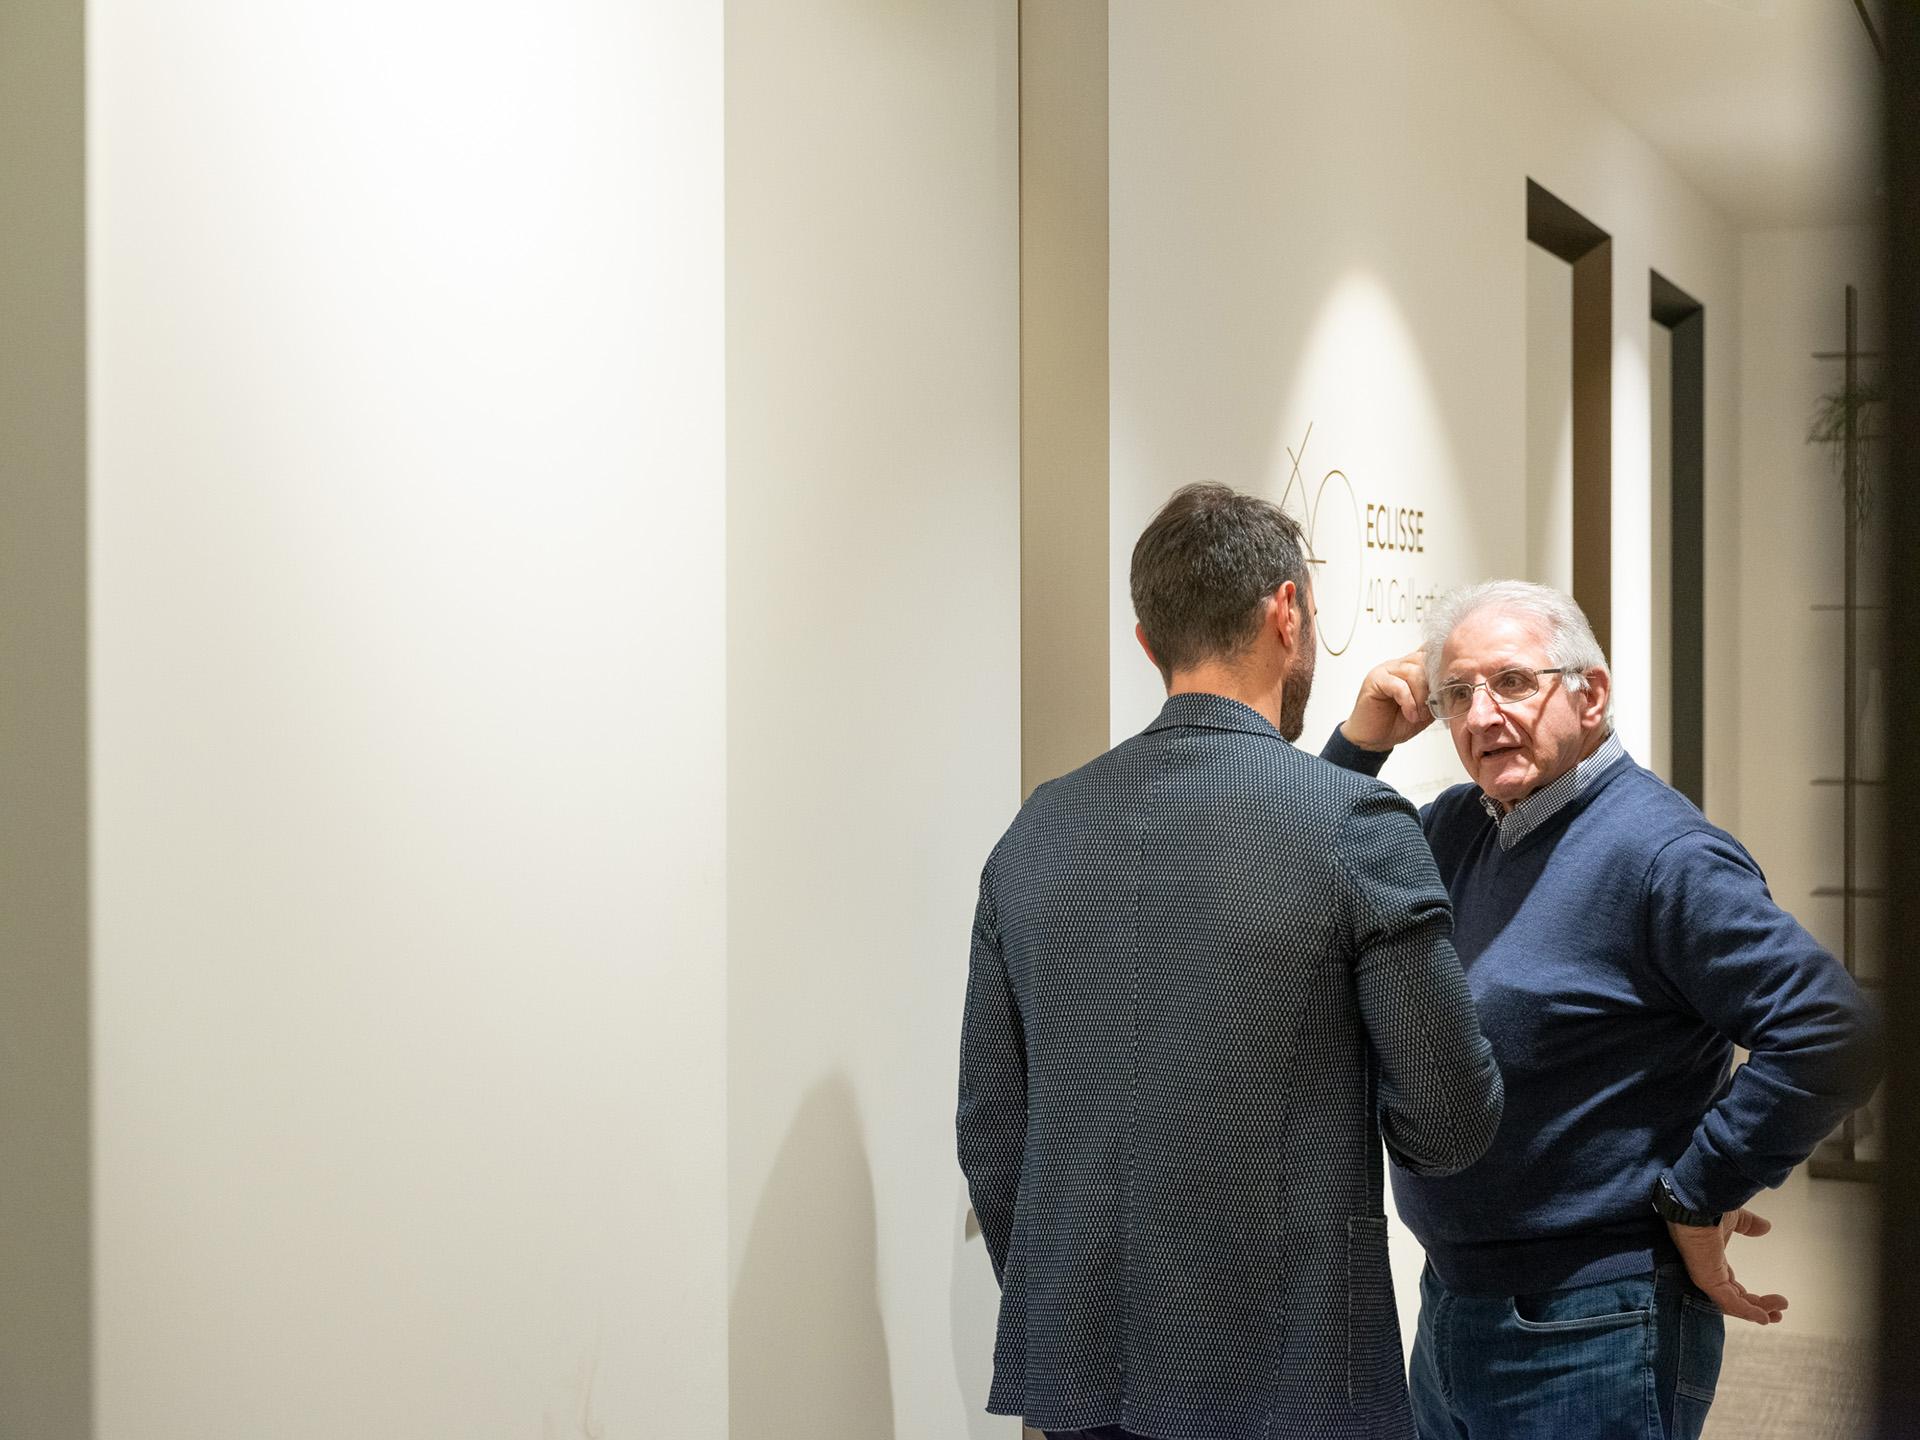 Press Day - via Molino delle Armi 2A Milano - lancio eclisse 40 collection. Valentini a colloquio con De Faveri